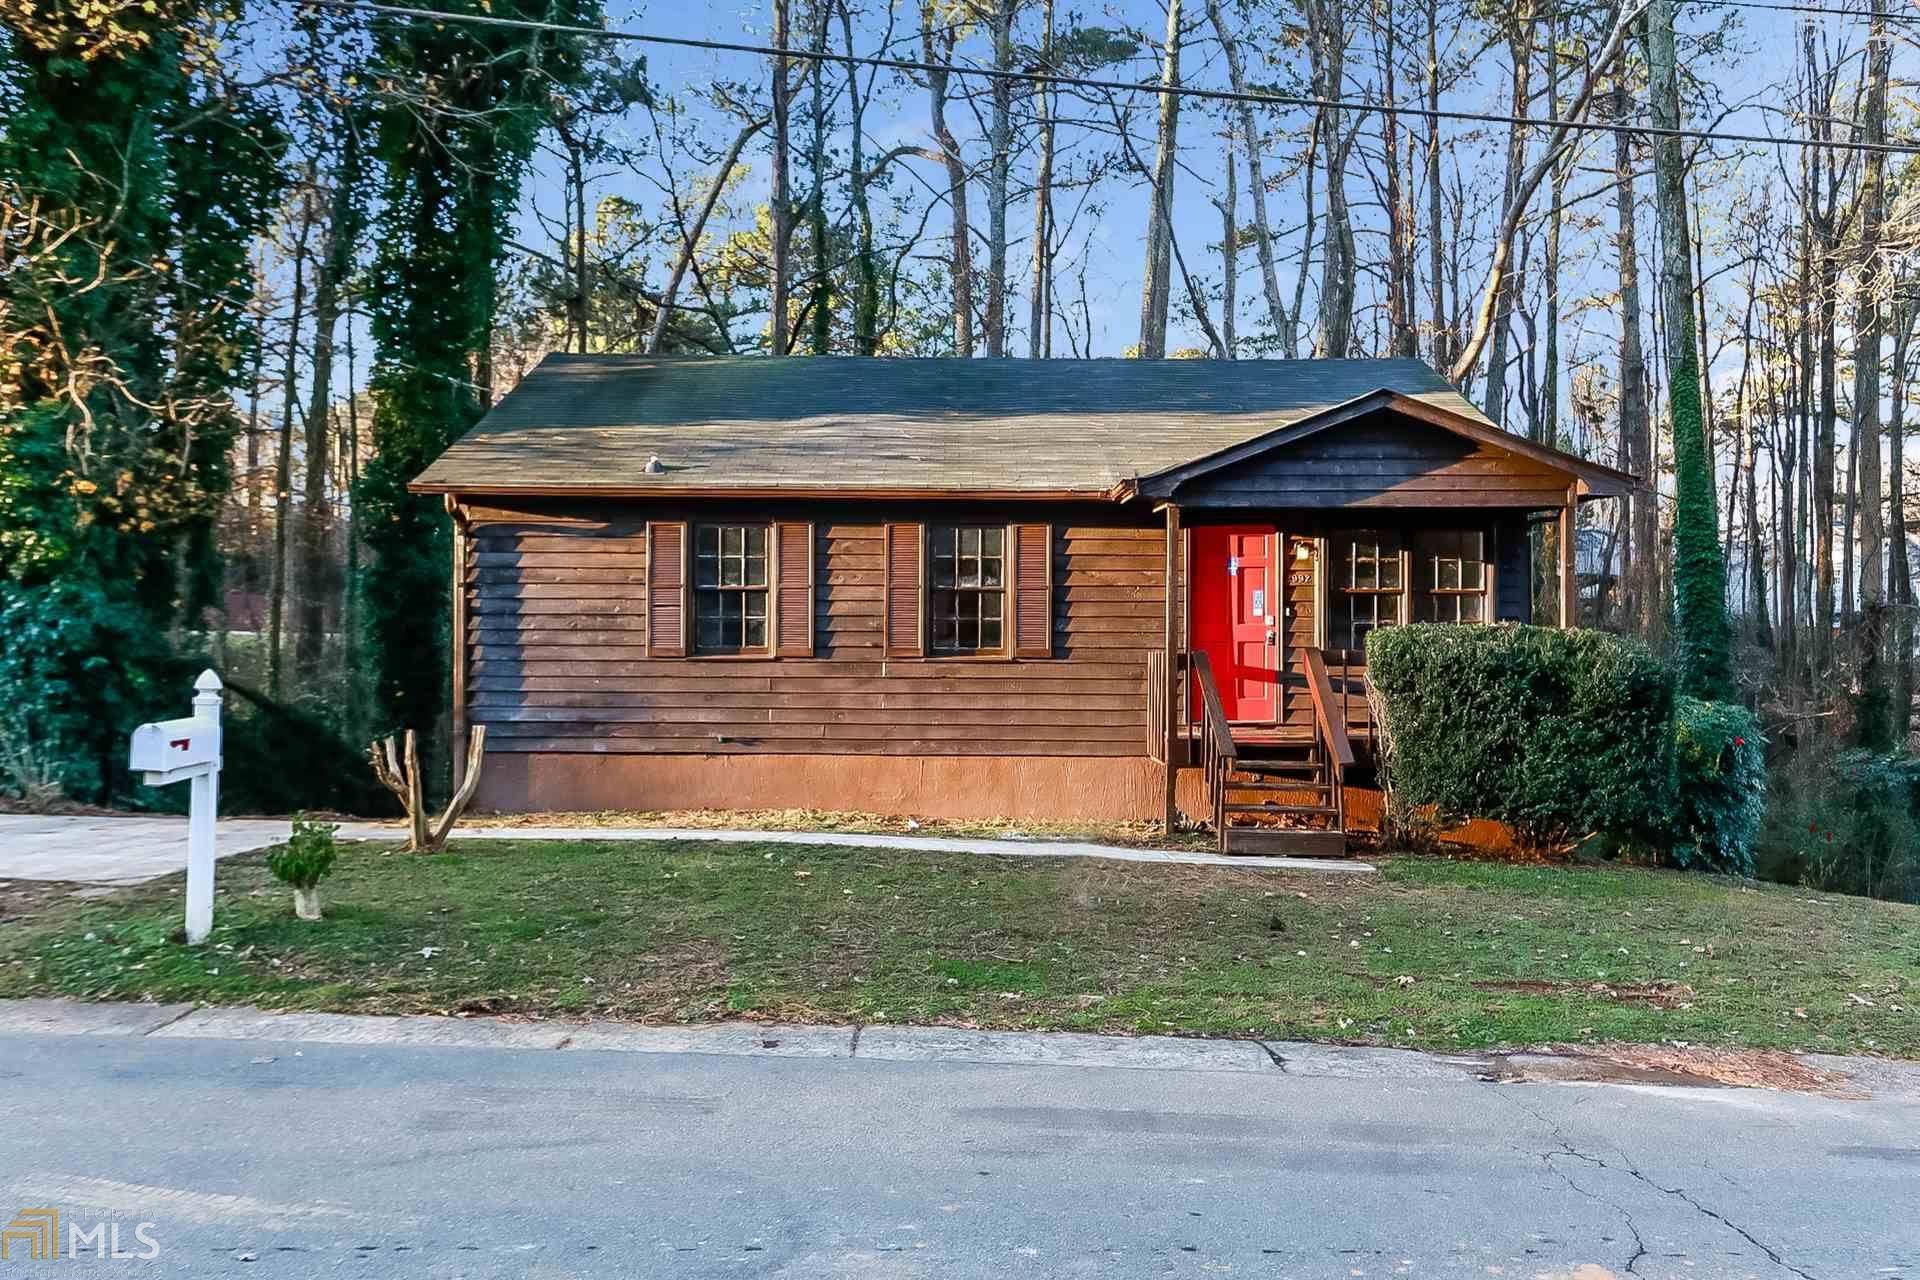 2992 Pebblebrook, Buford, GA 30518 - MLS#: 8907957